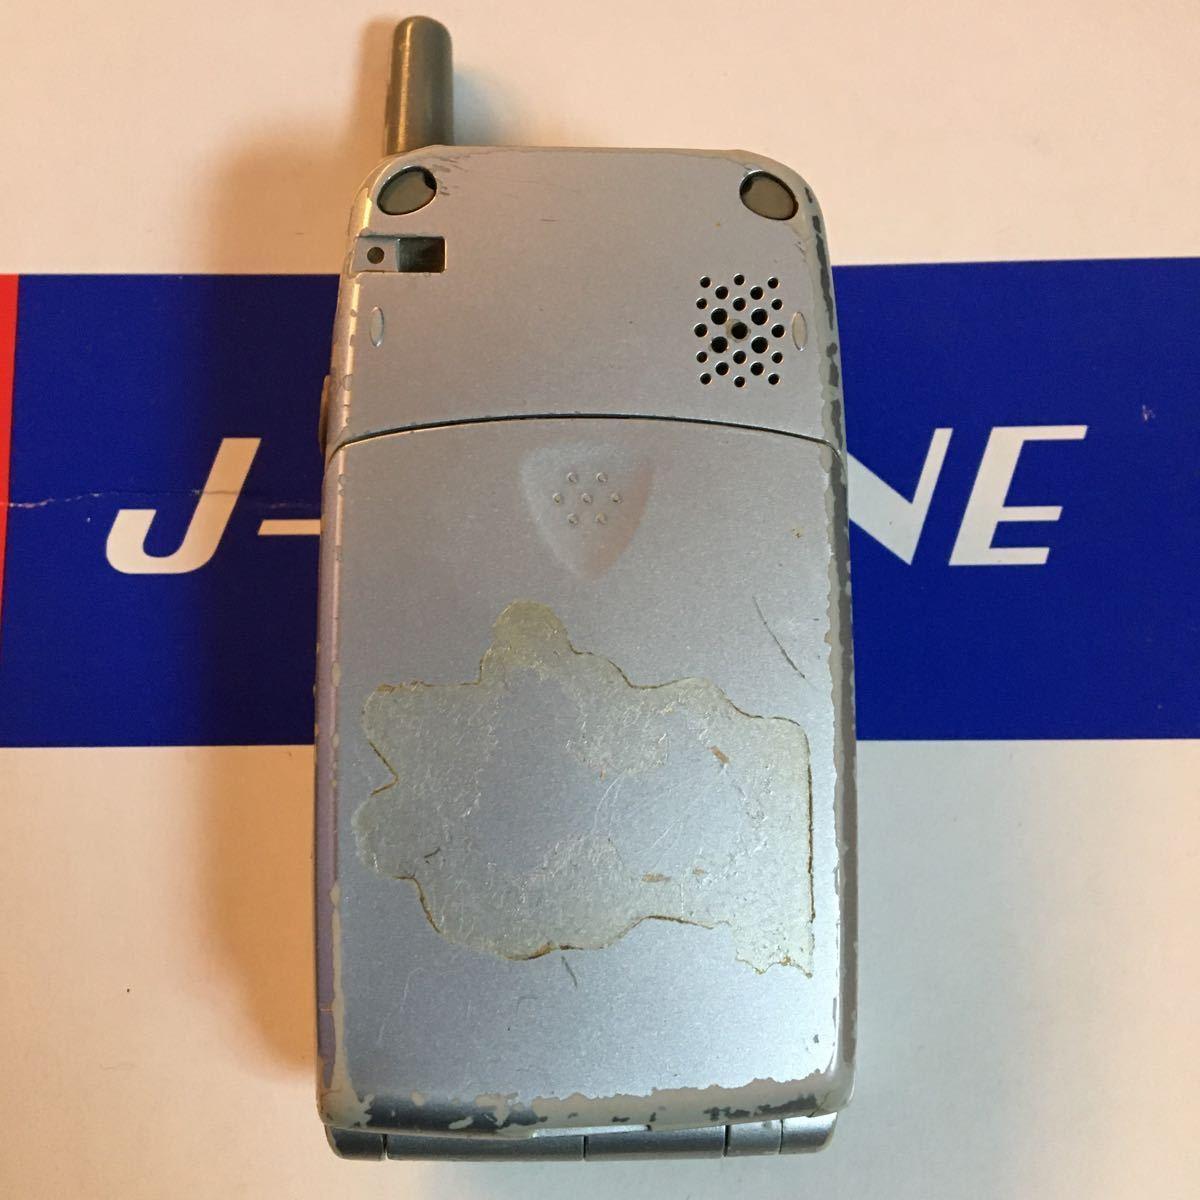 ガラケー 携帯 j-phone j-sh07 アダプタ 充電器 箱付き_画像5